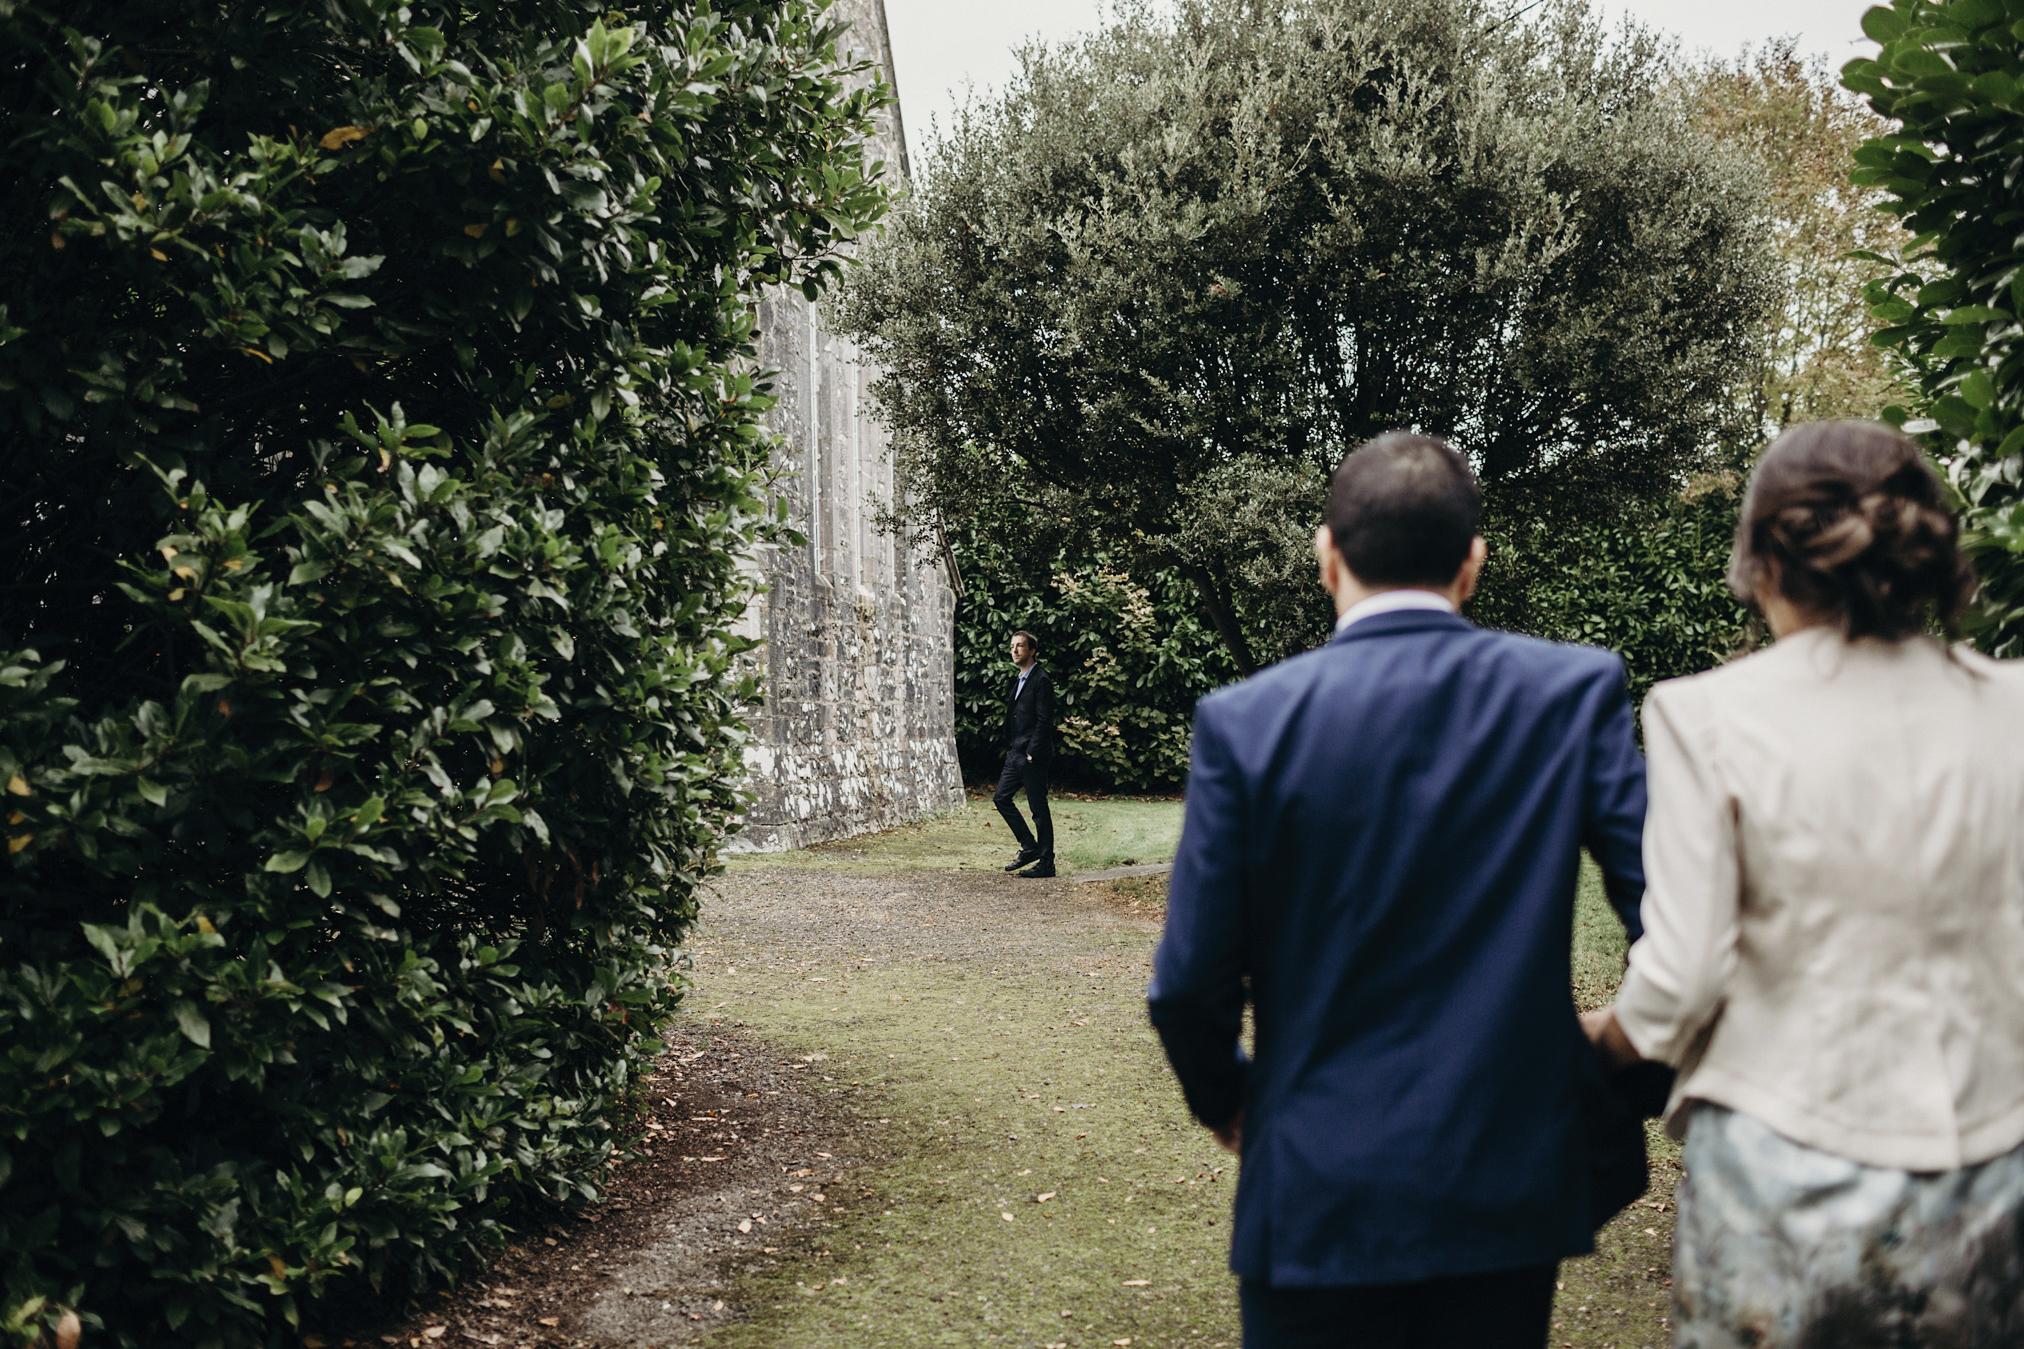 wedding photographer irelandGraciela Vilagudin Photography6759.jpg